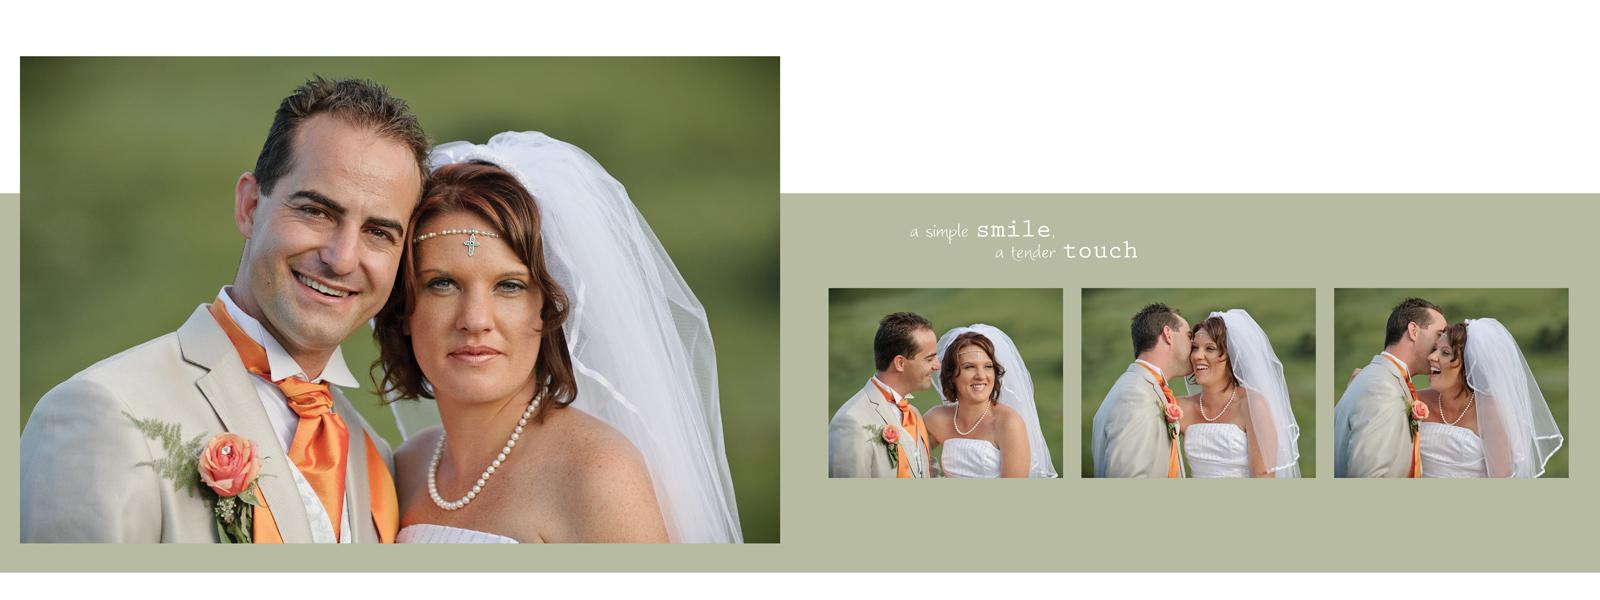 Nathalie Boucry Photography | Charlene and Craig Wedding Album 020